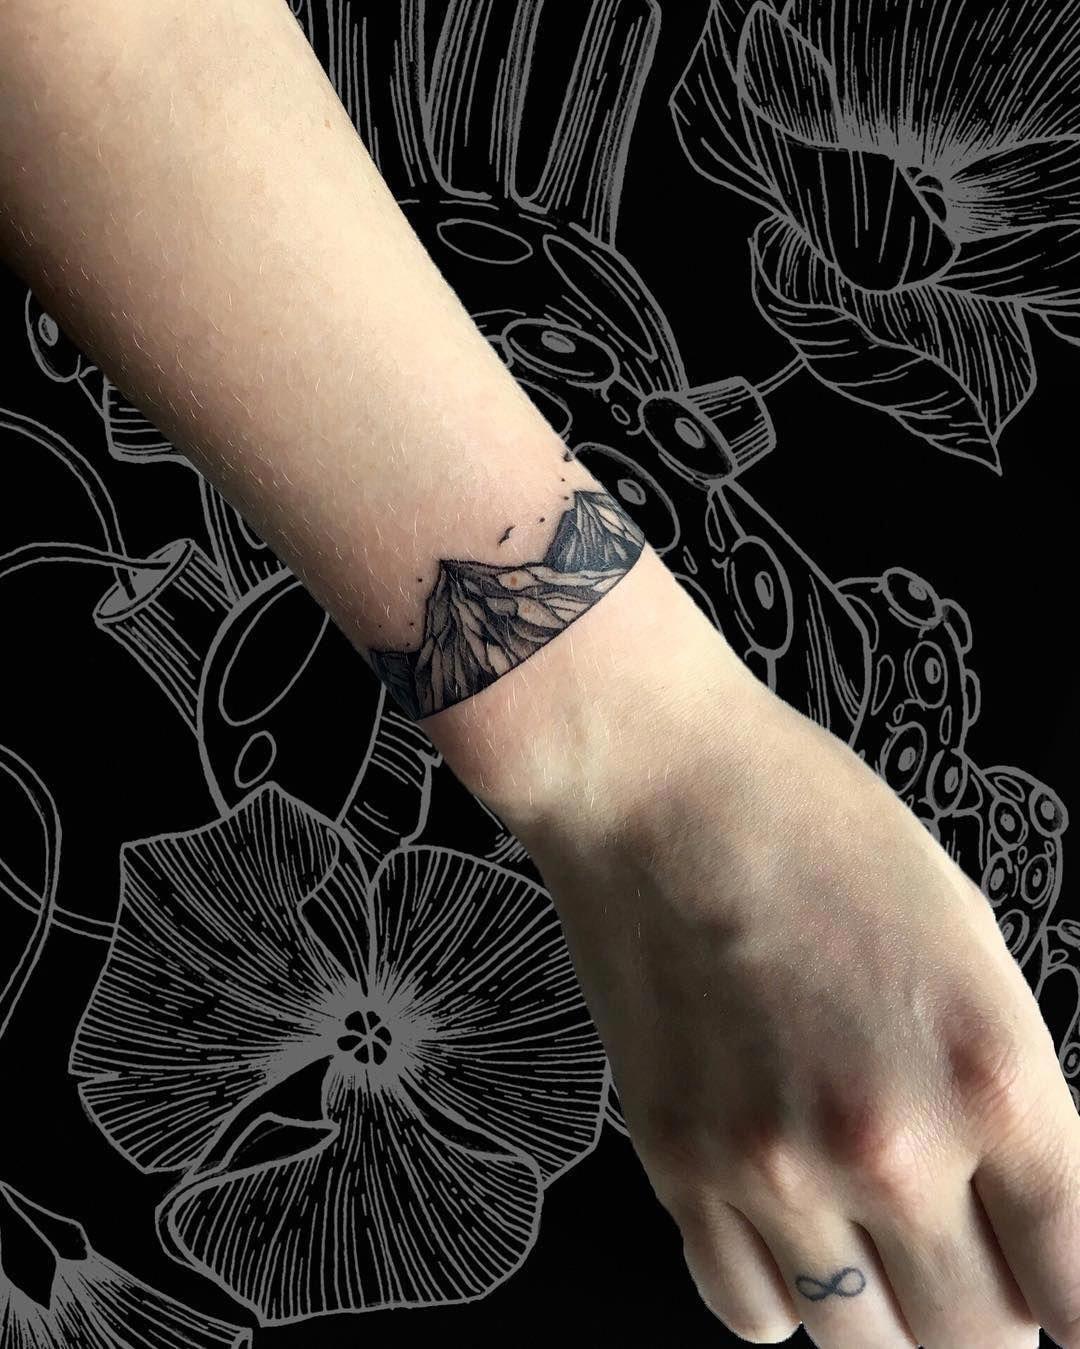 Wrist Tattoos For Men Wristtattooguys Meaningful Wrist Tattoos Wrist Tattoos Tattoos For Women